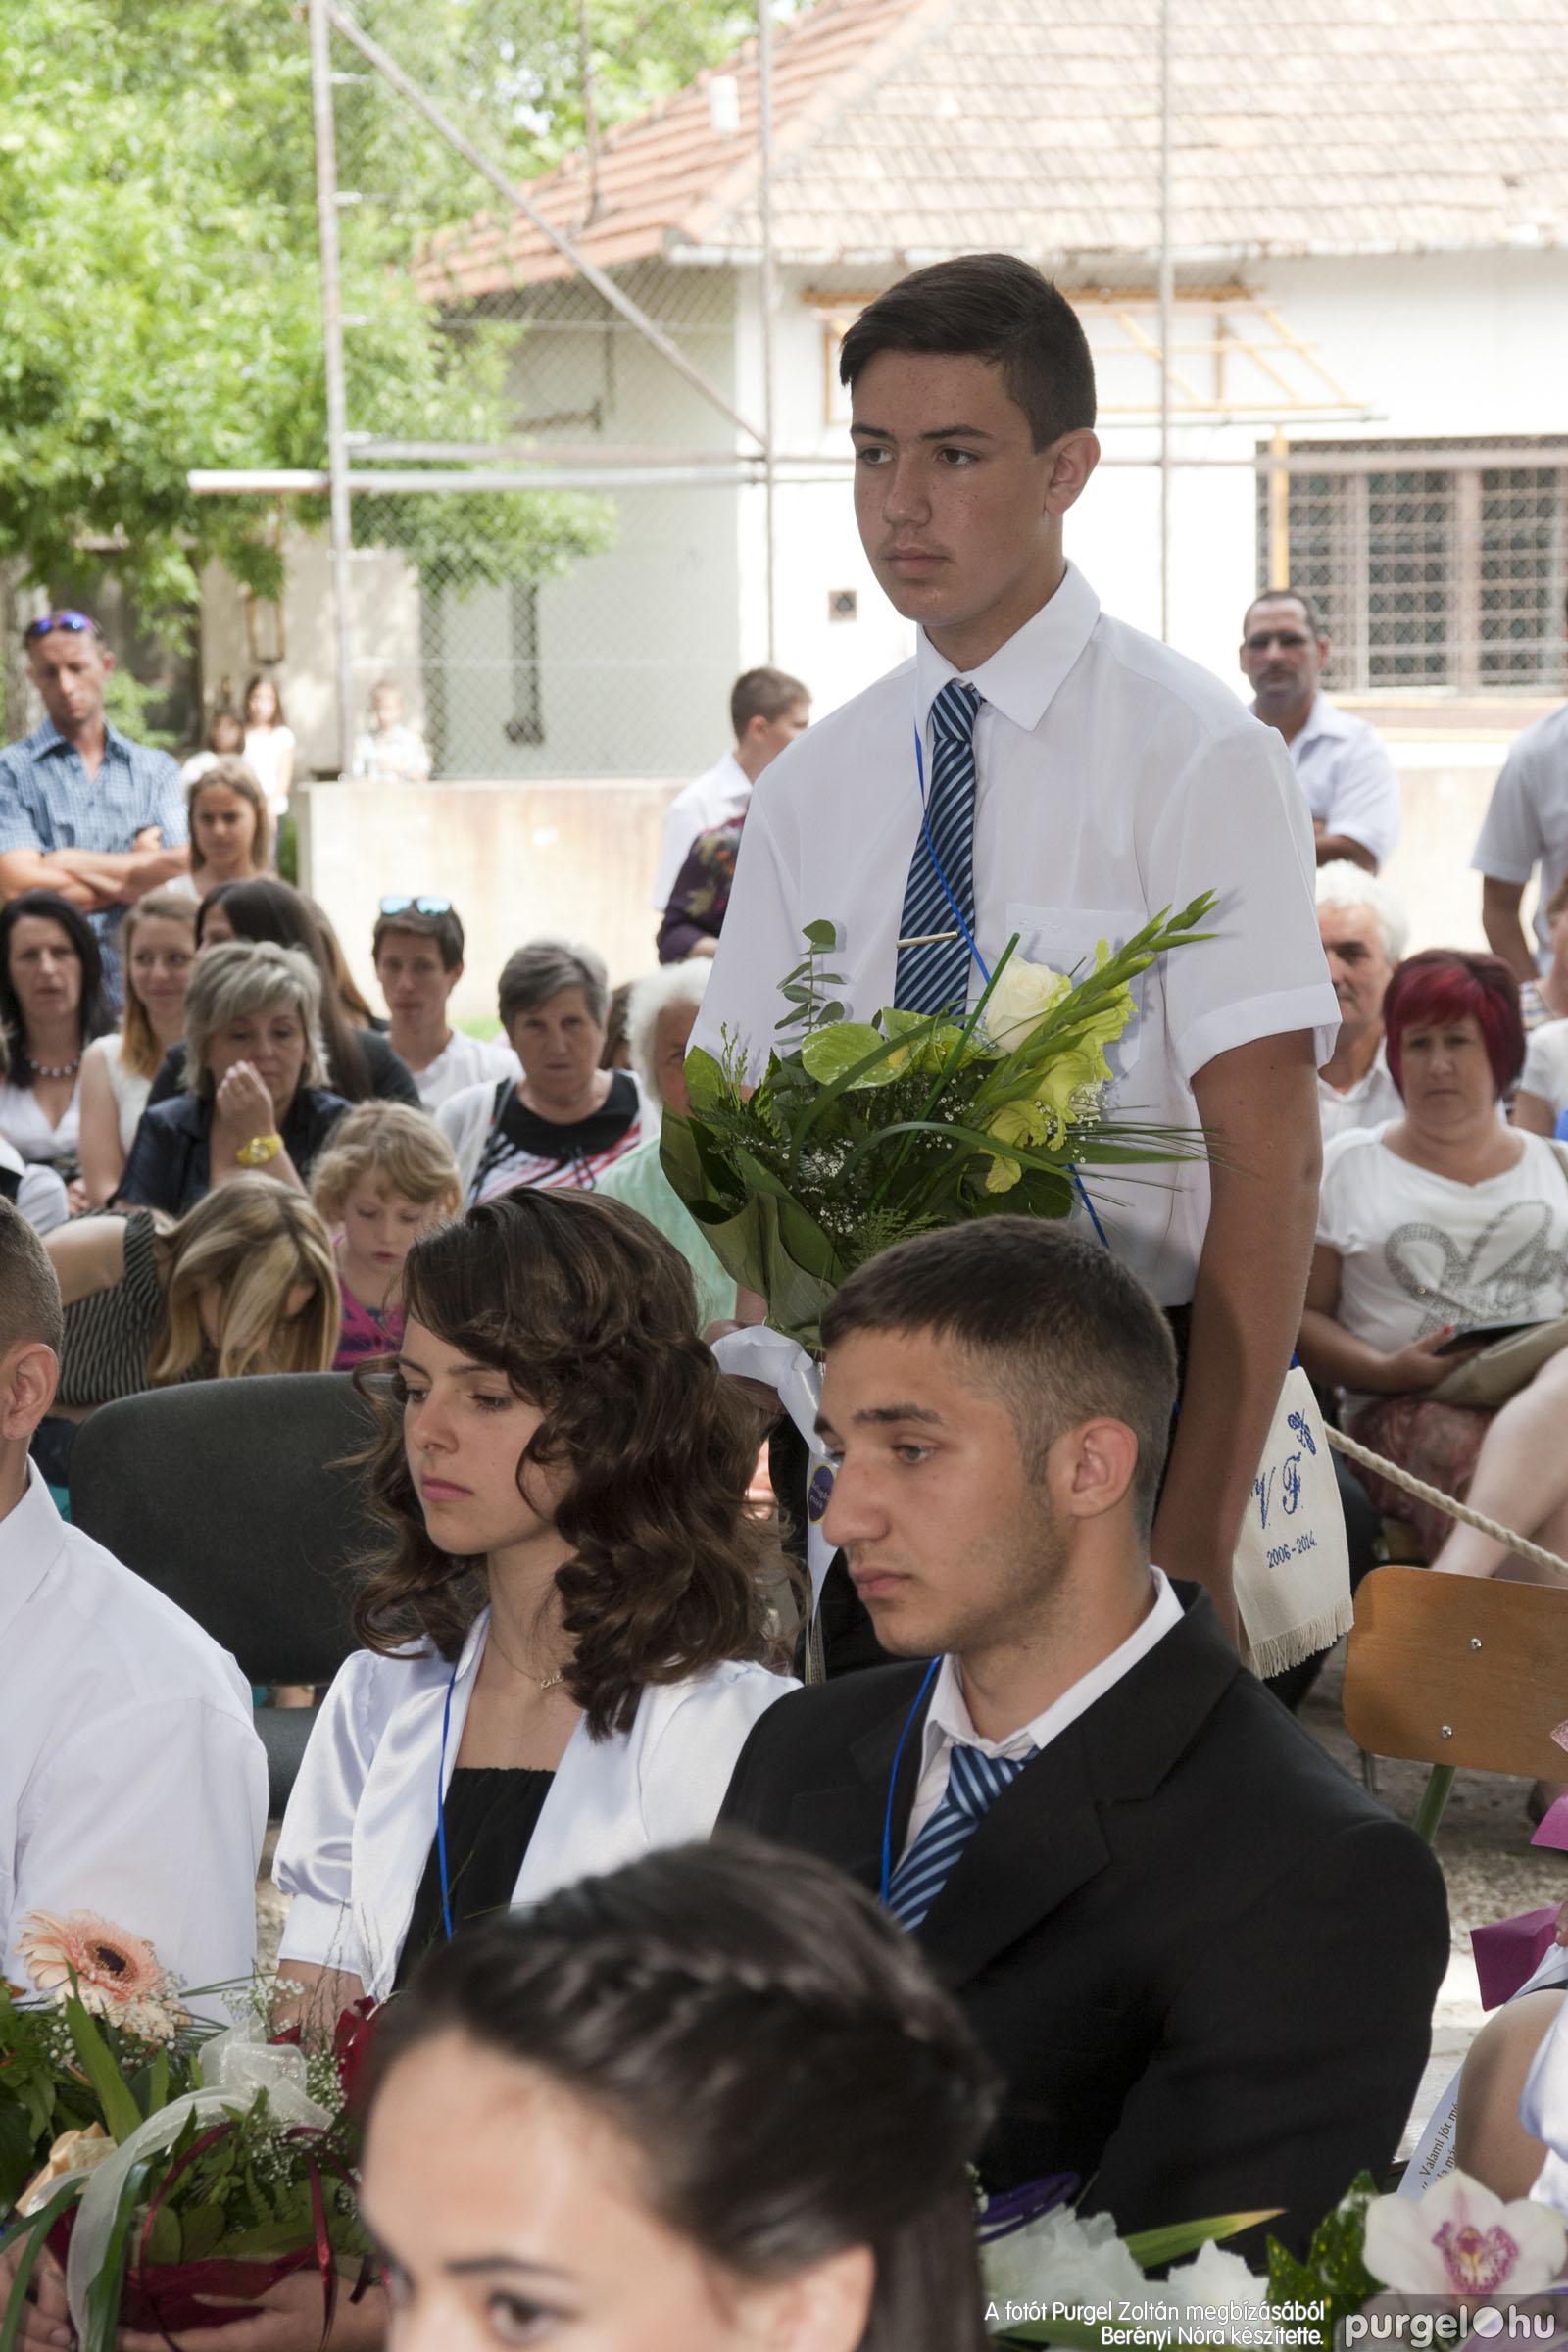 2014.06.14. 214 Forray Máté Általános Iskola ballagás 2014. - Fotó:BERÉNYI NÓRA© _MG_5861.jpg